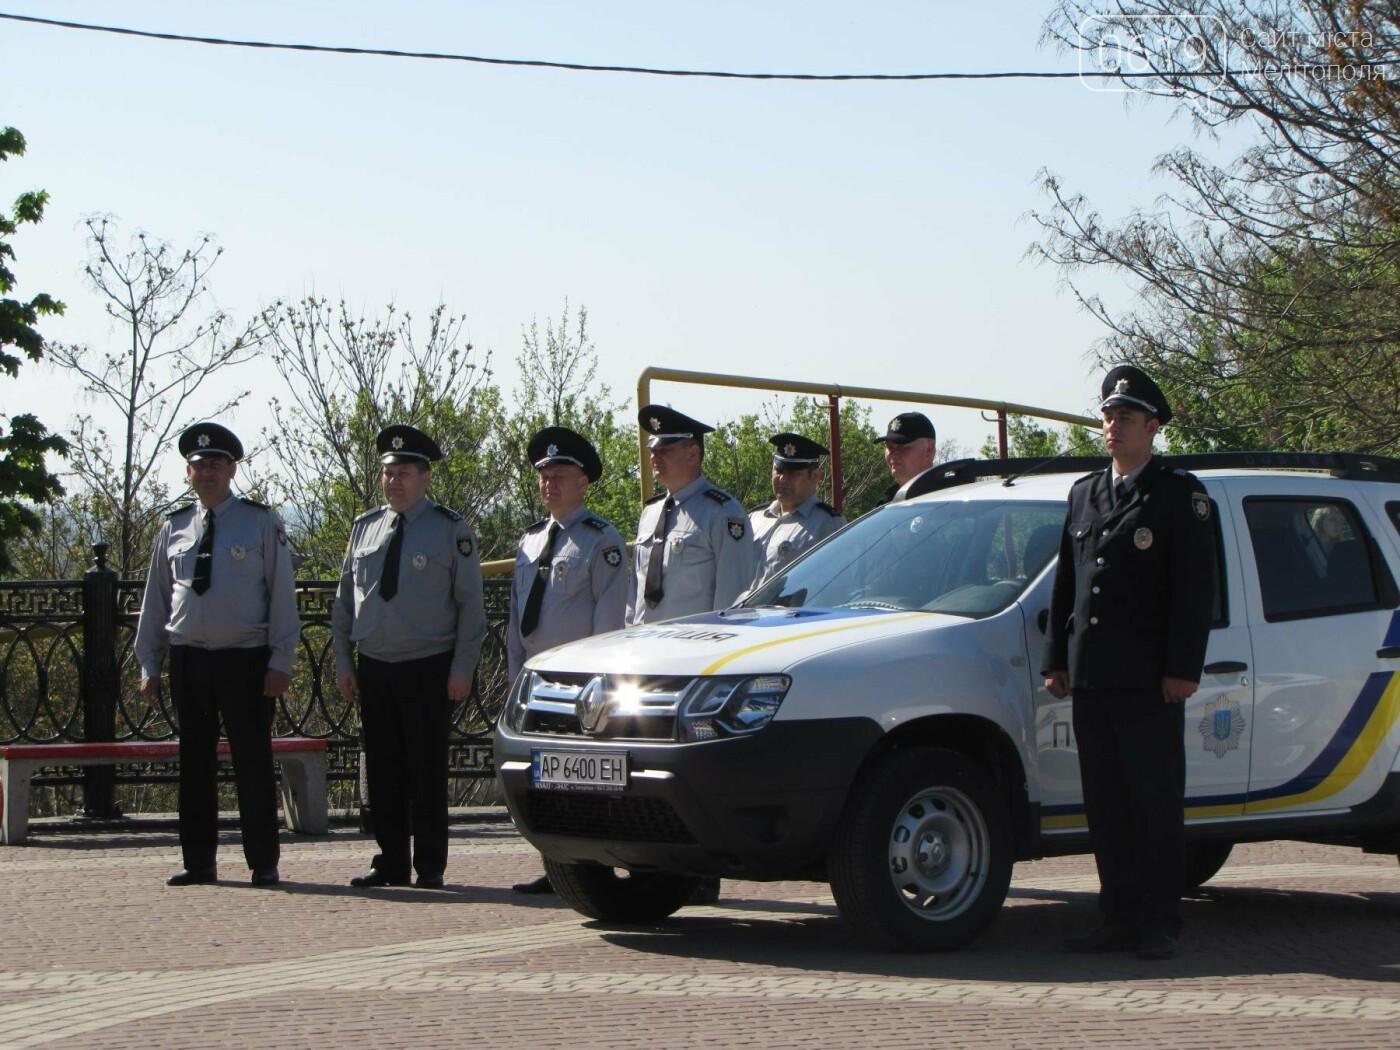 Мелитопольской полиции торжественно вручили новые служебные автомобили, фото-9